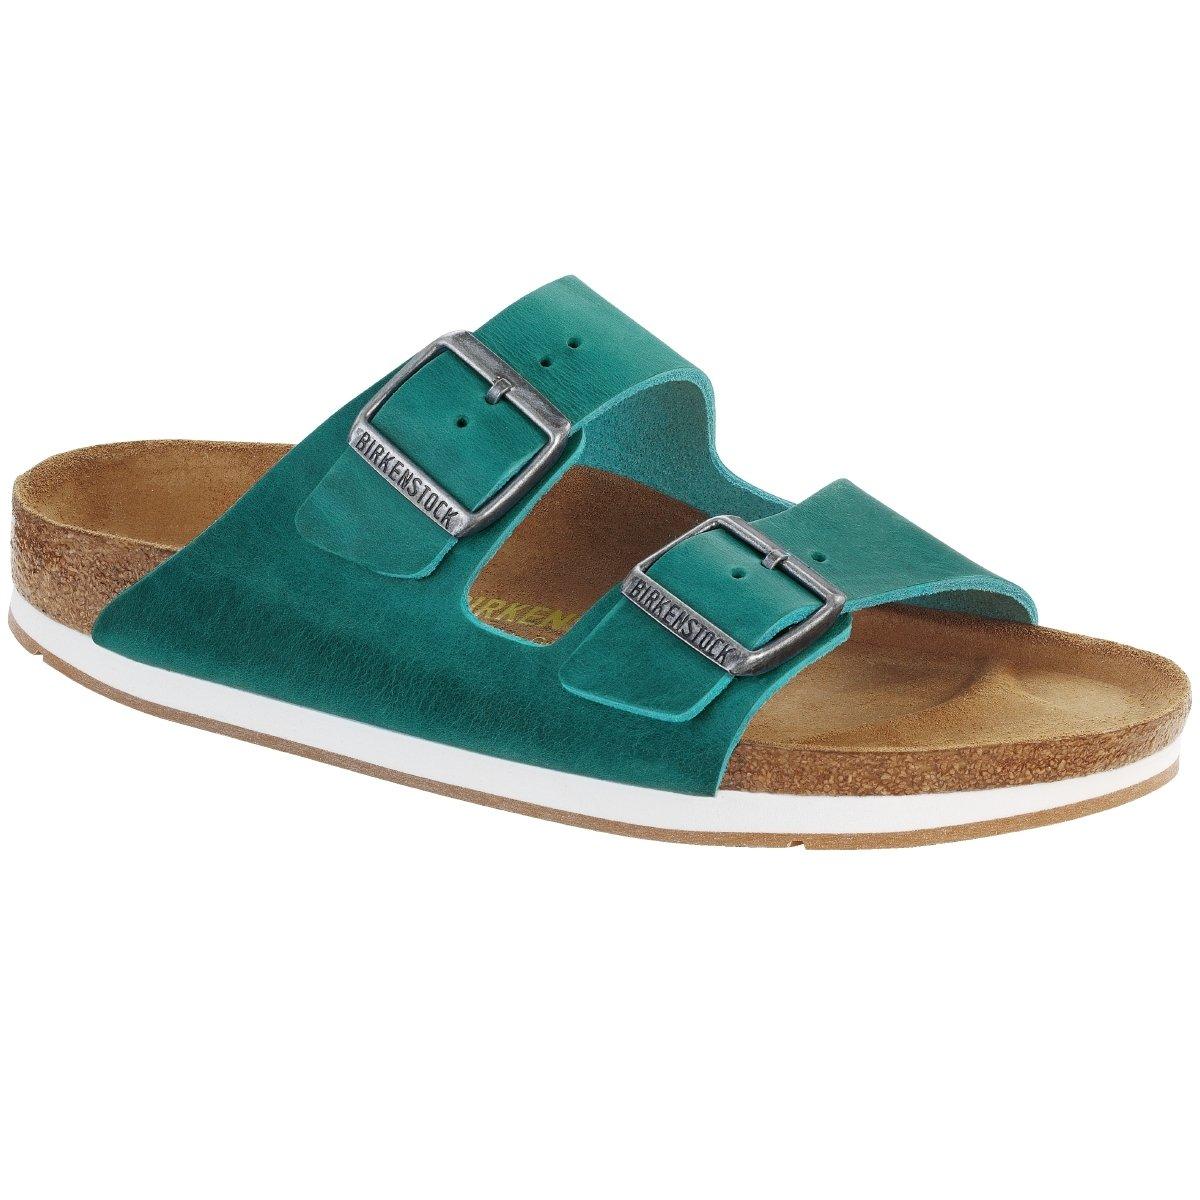 Birkenstock Arizona Leder - Mules Mujer 45|turquoise (057683)